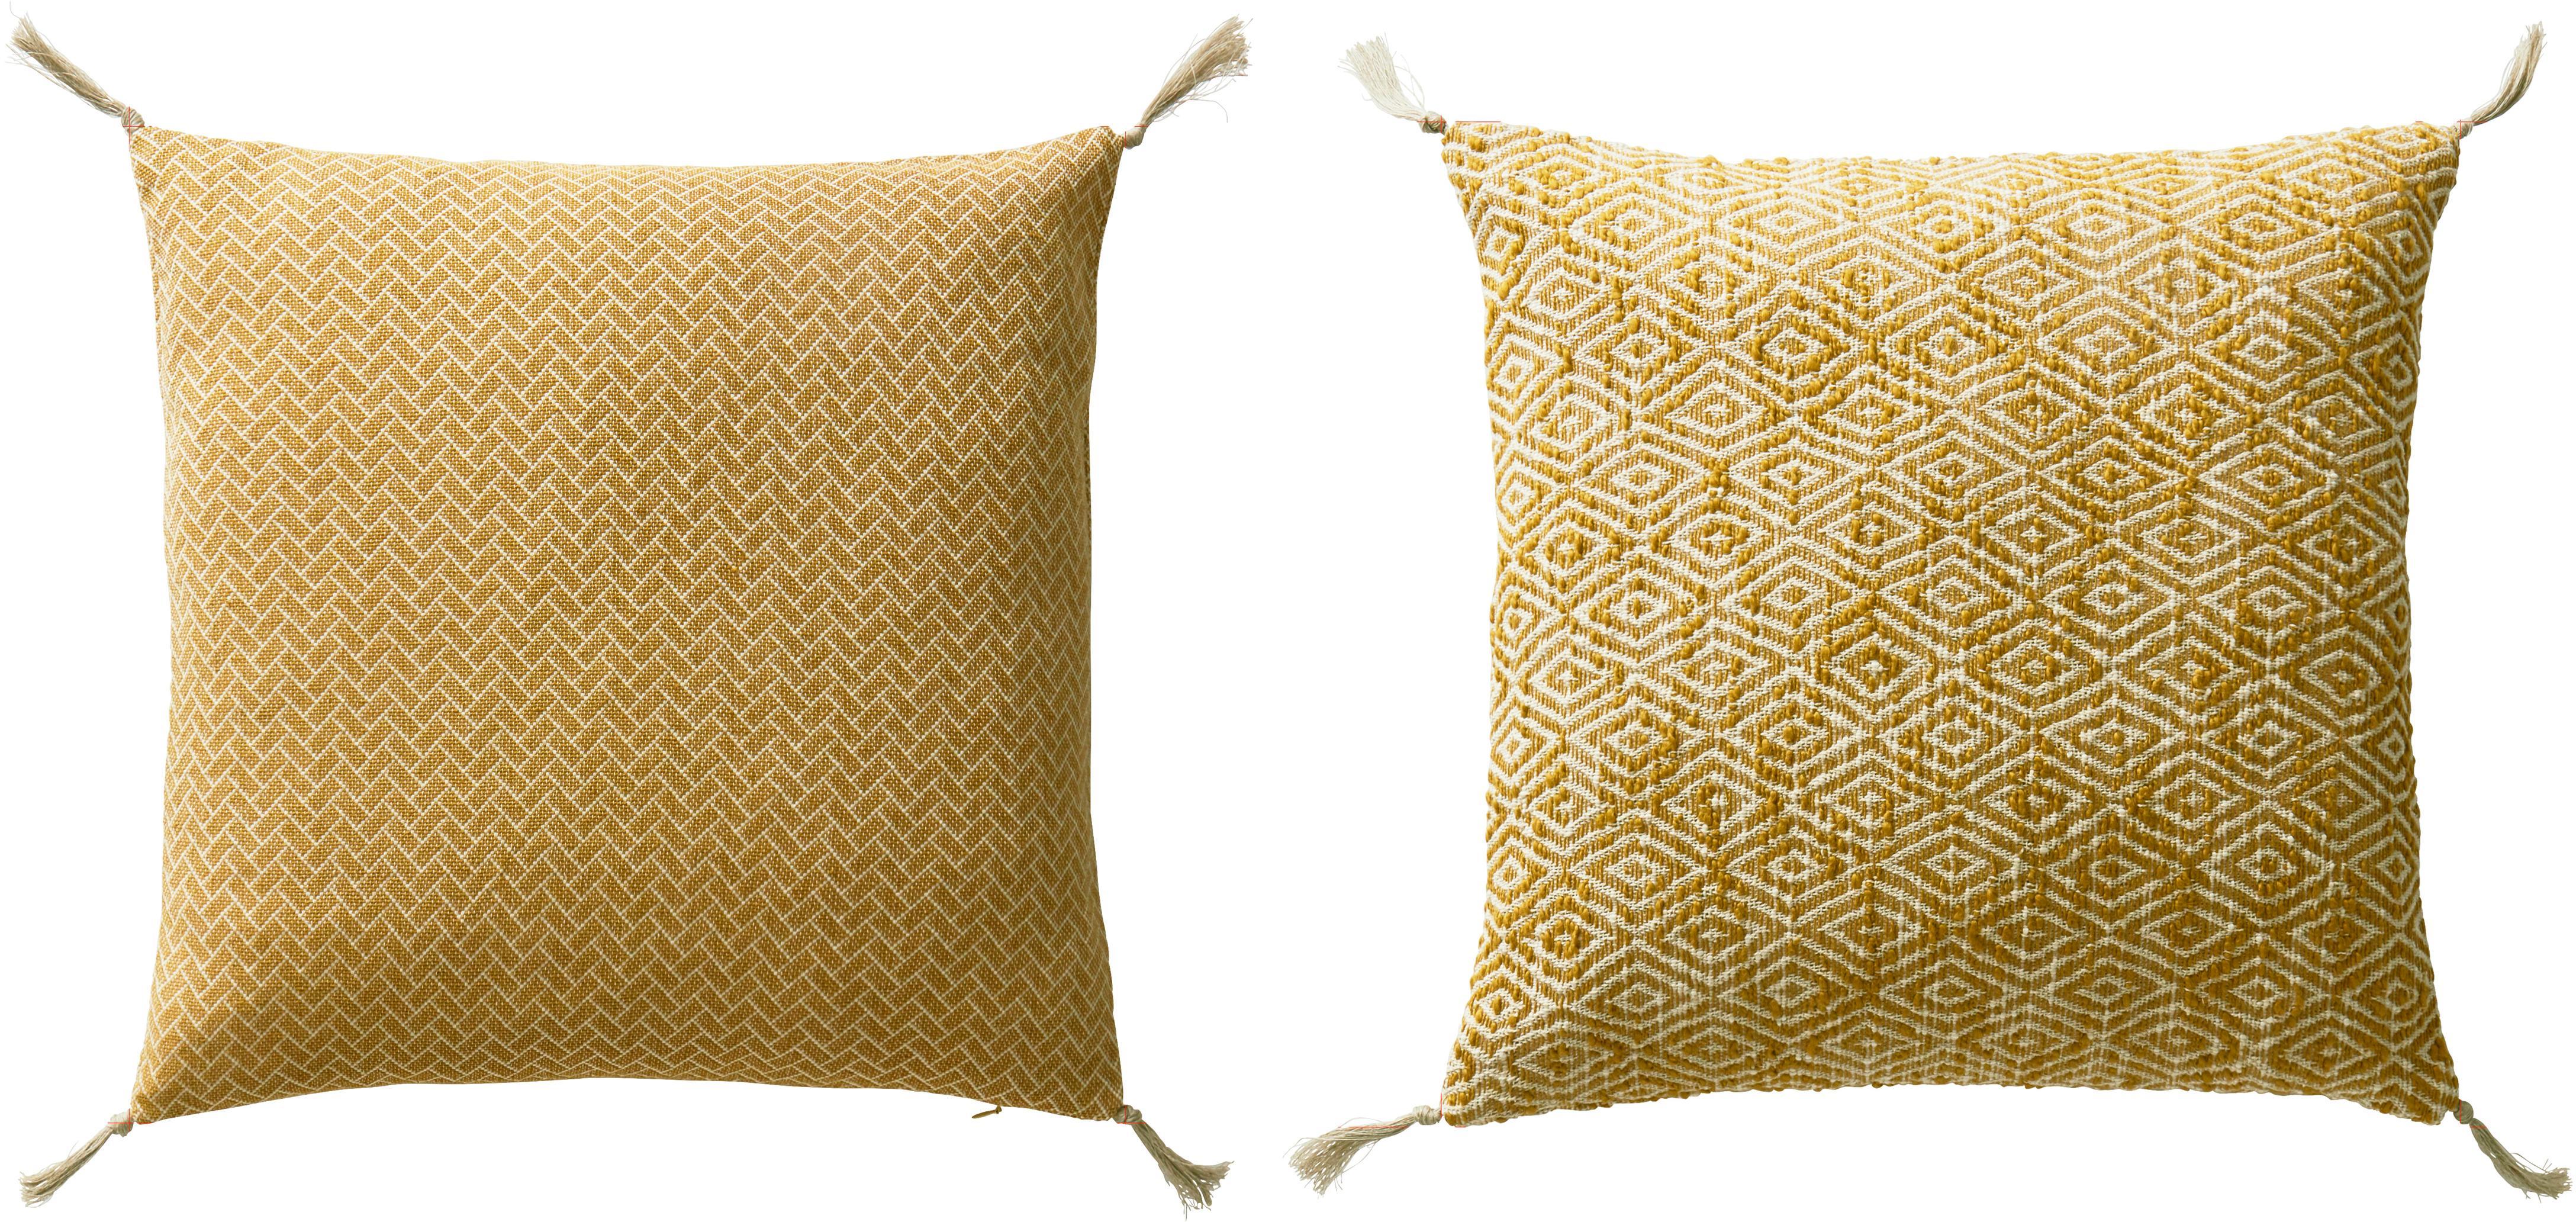 Gemustertes Kissenhüllen Fancy mit Quasten, 2er-Set, 100% Baumwolle, Gelb, gebrochenes Weiß, 45 x 45 cm